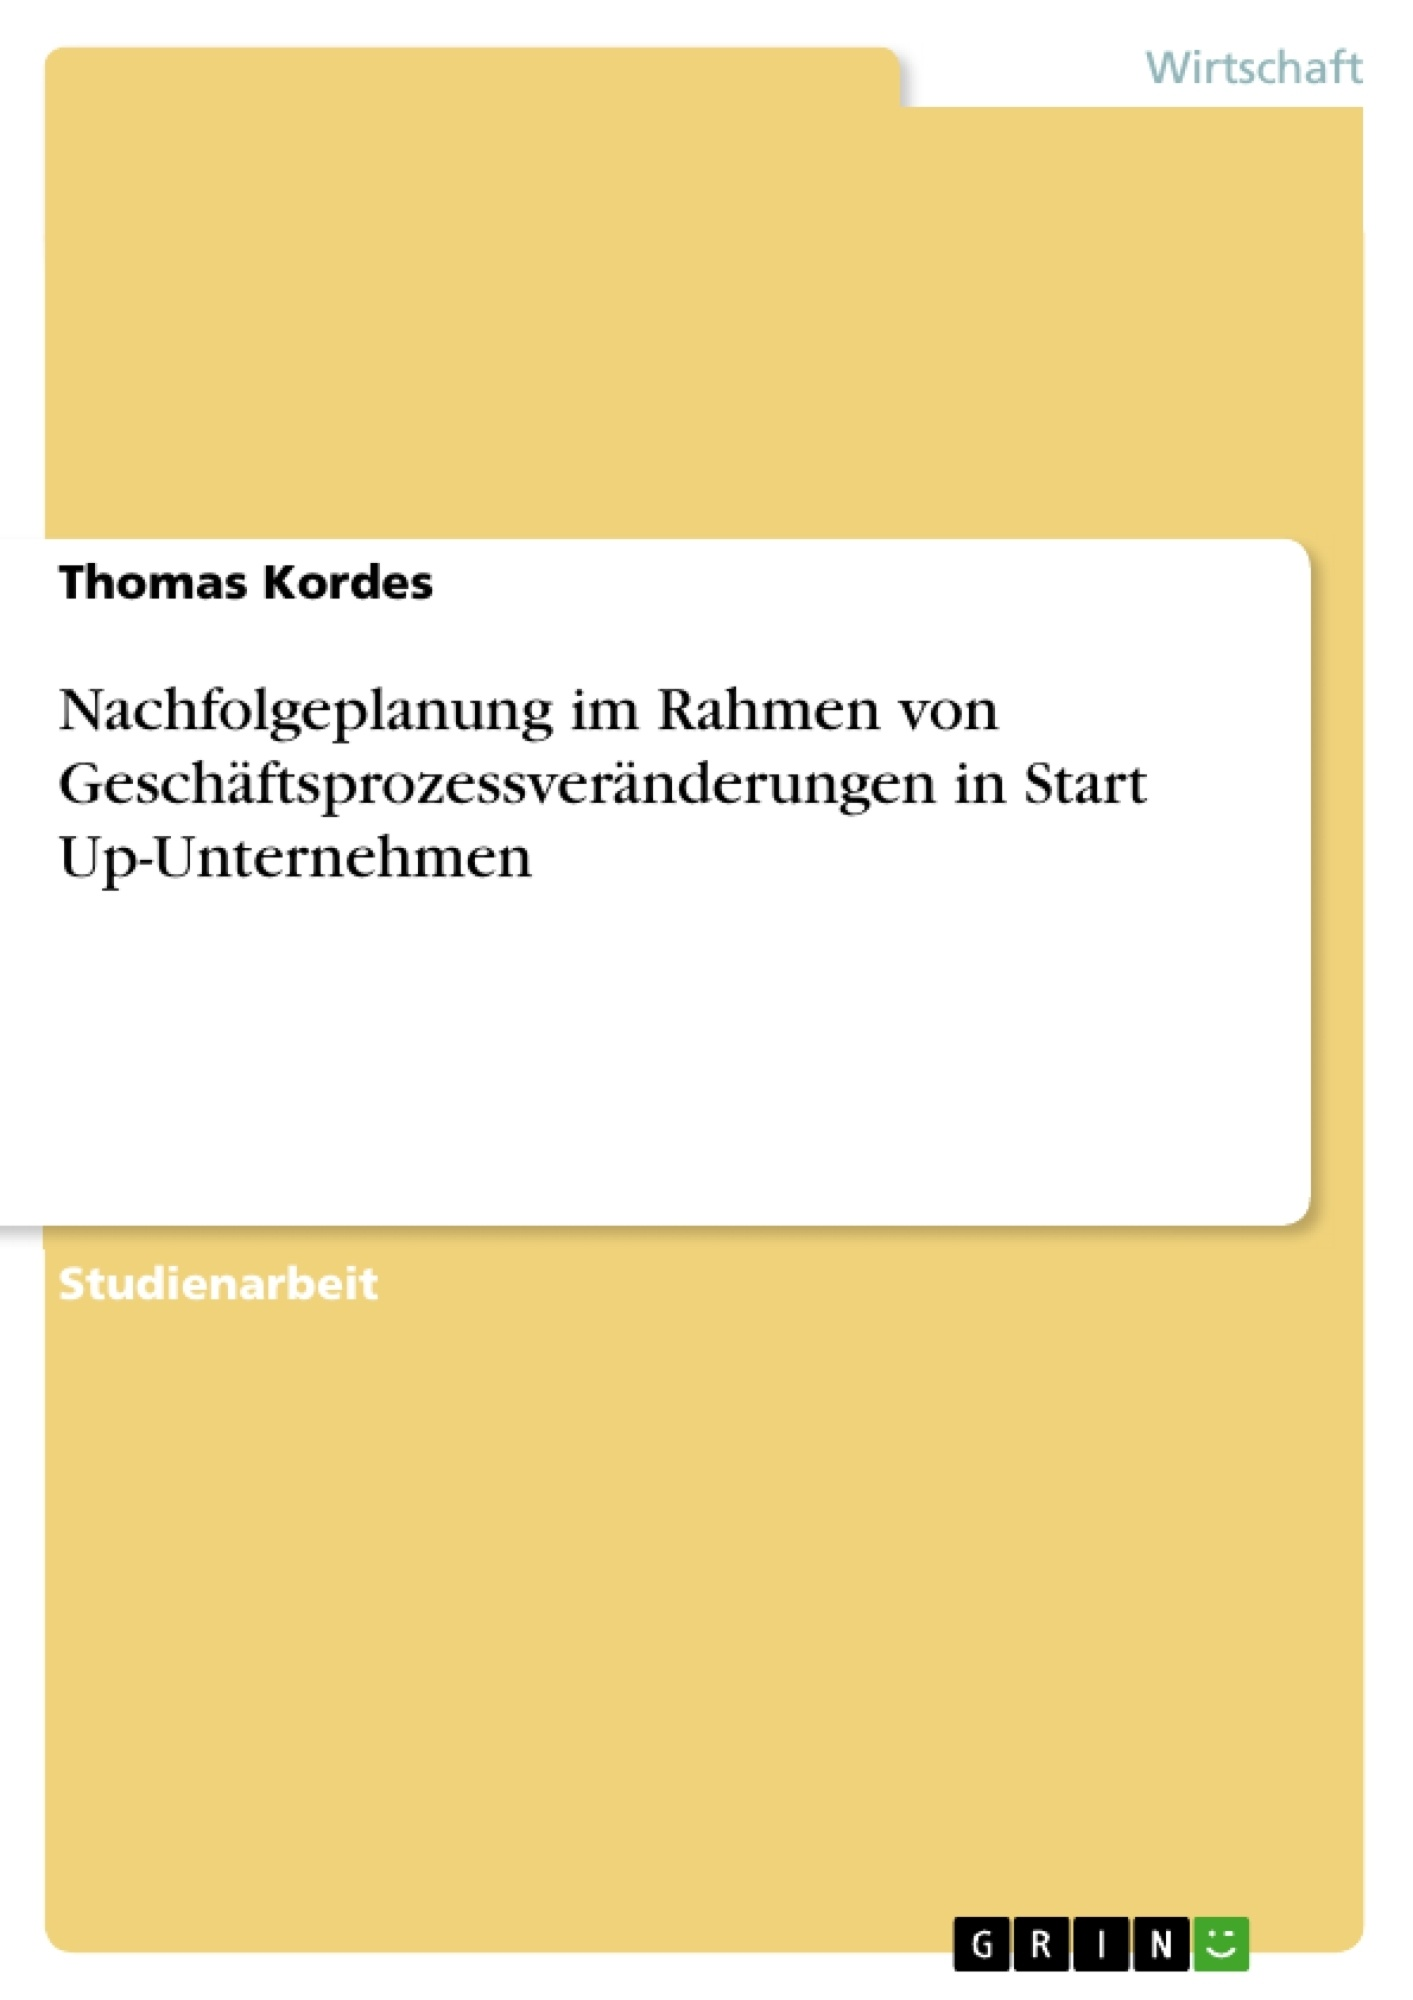 Titel: Nachfolgeplanung im Rahmen von Geschäftsprozessveränderungen in Start Up-Unternehmen